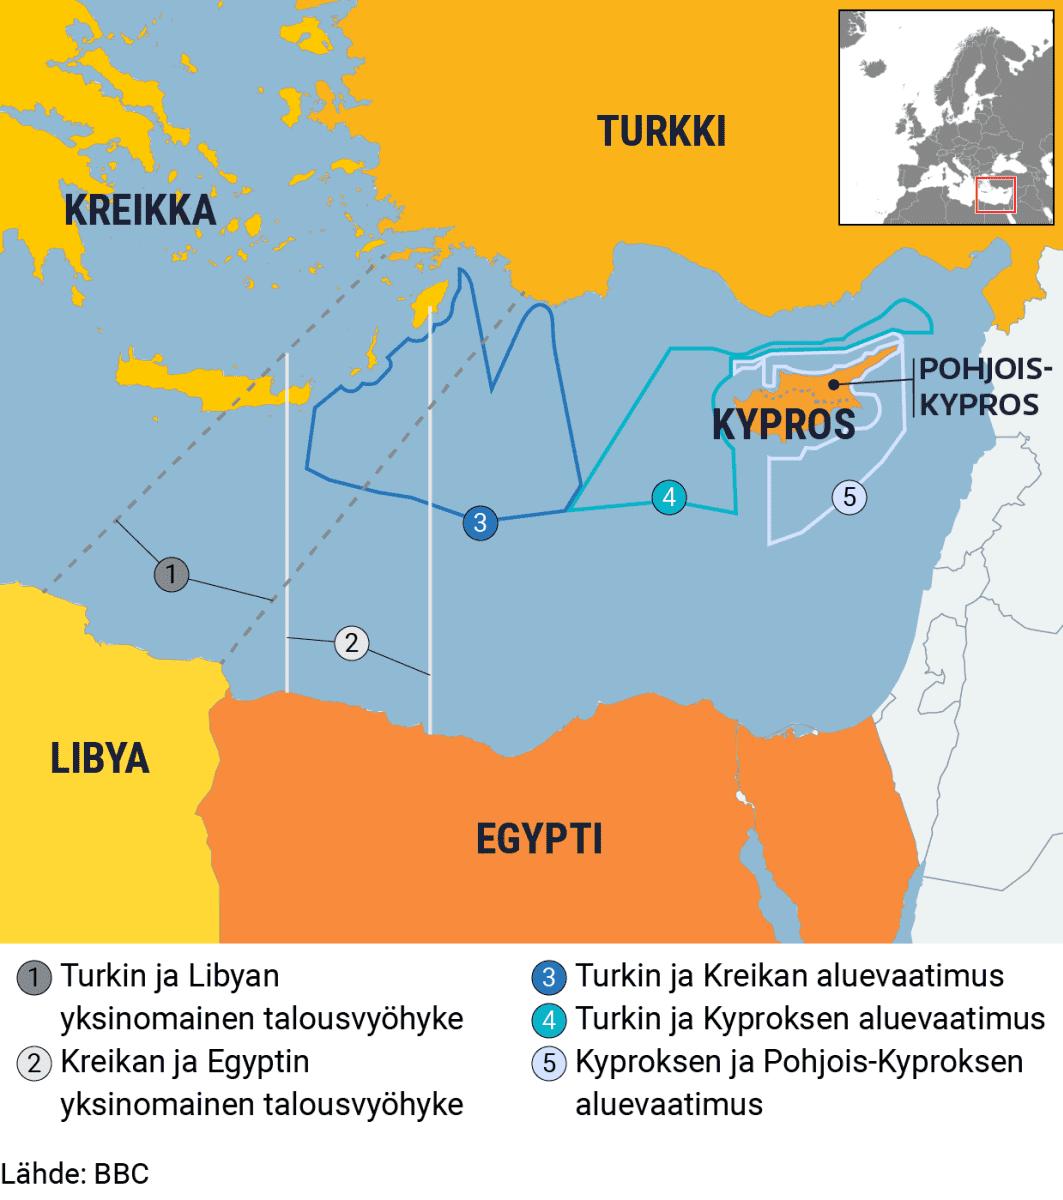 Kartta aluevaatimuksista Välimerellä.